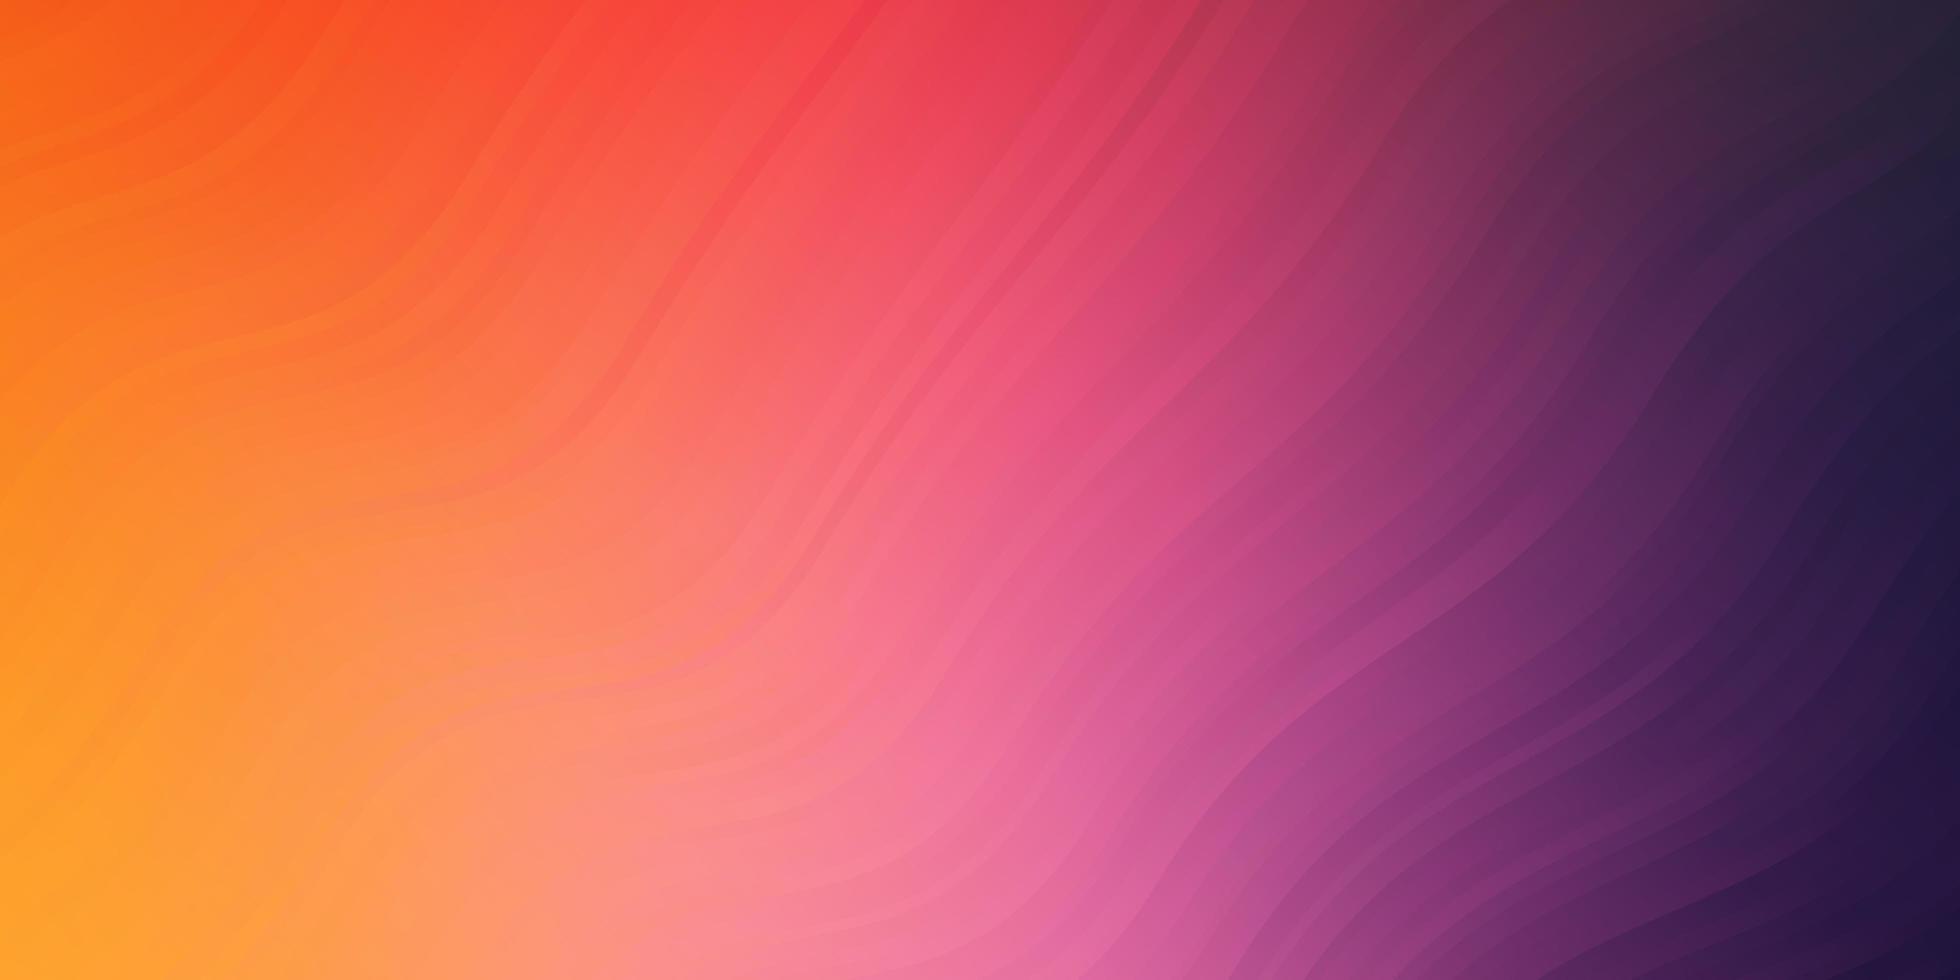 texture de vecteur rose clair, jaune avec des courbes.